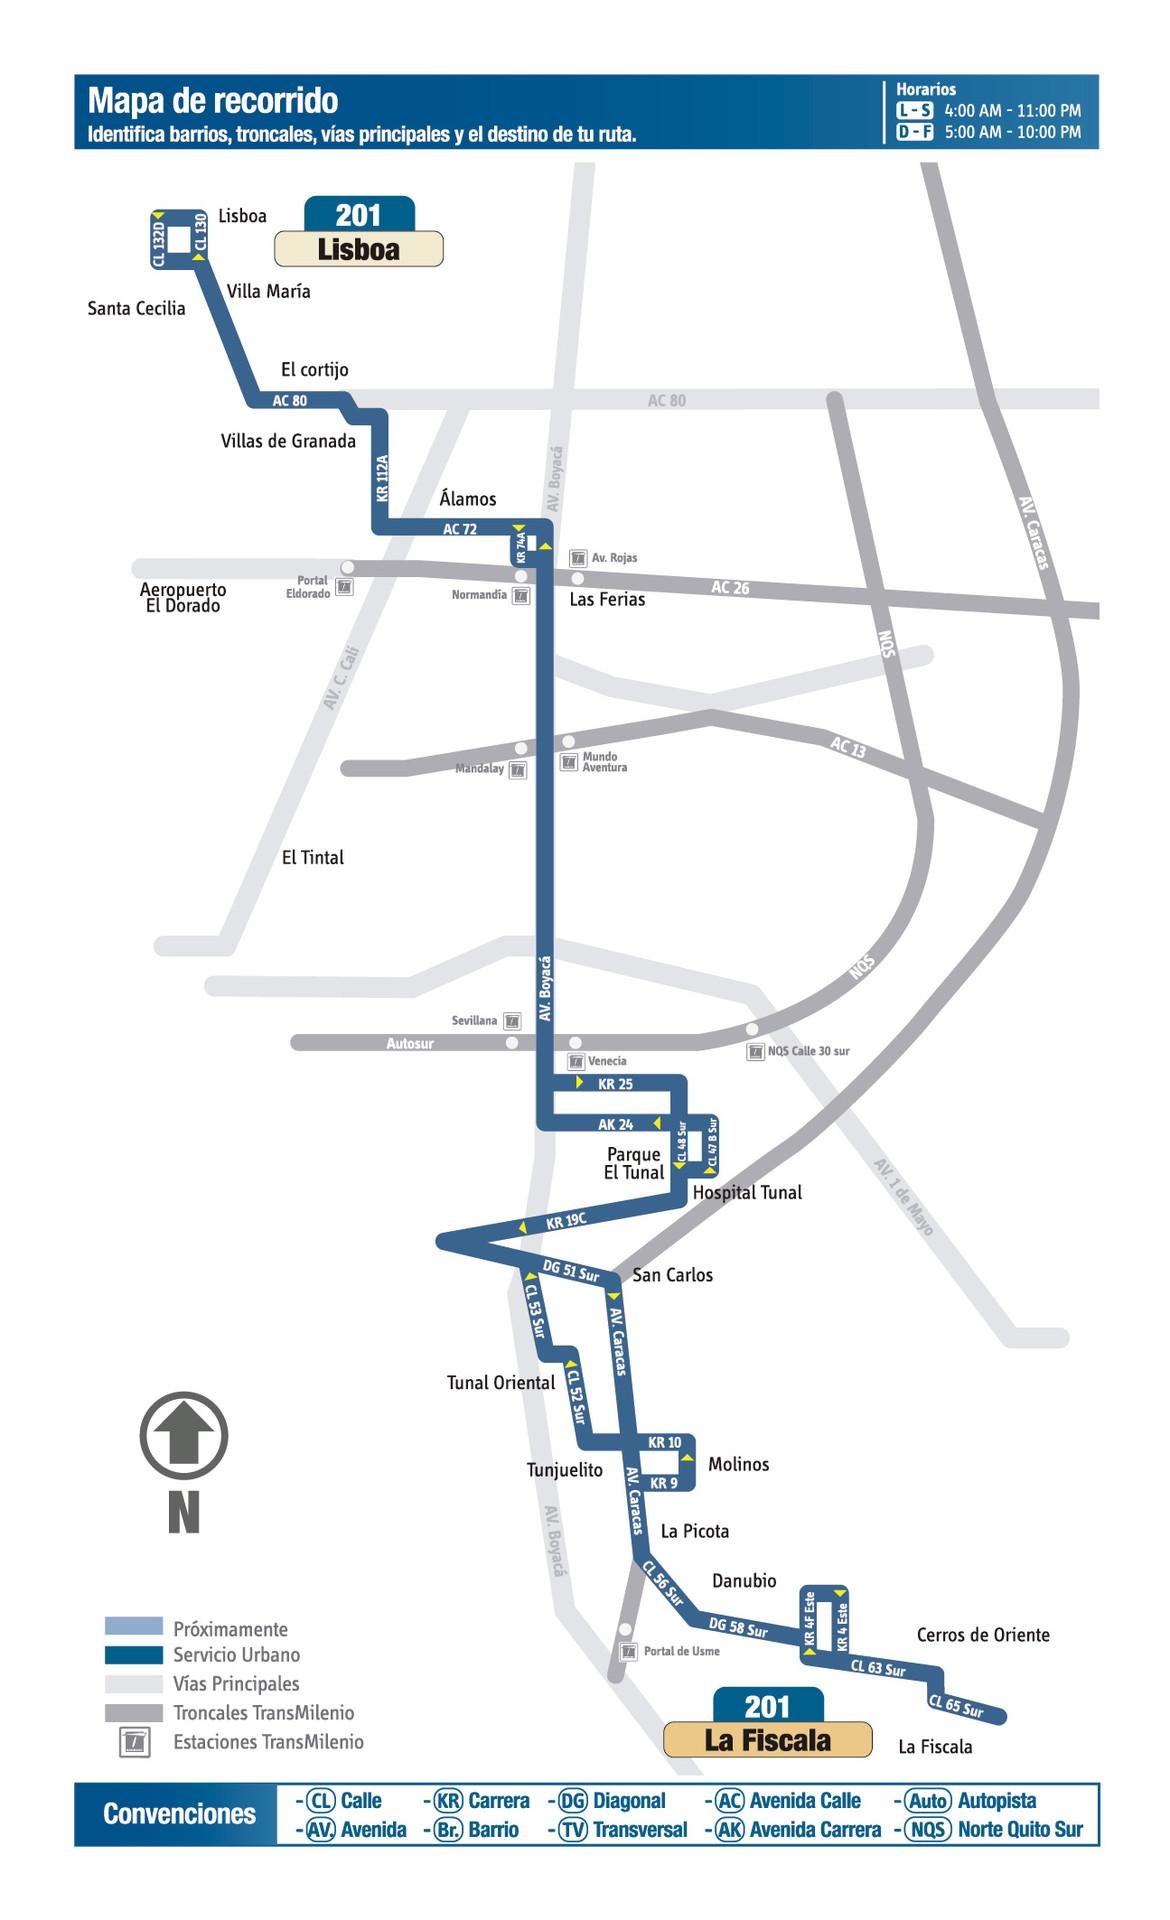 Ruta SITP: 201 Lisboa ↔ La Fiscala [Urbana] 6